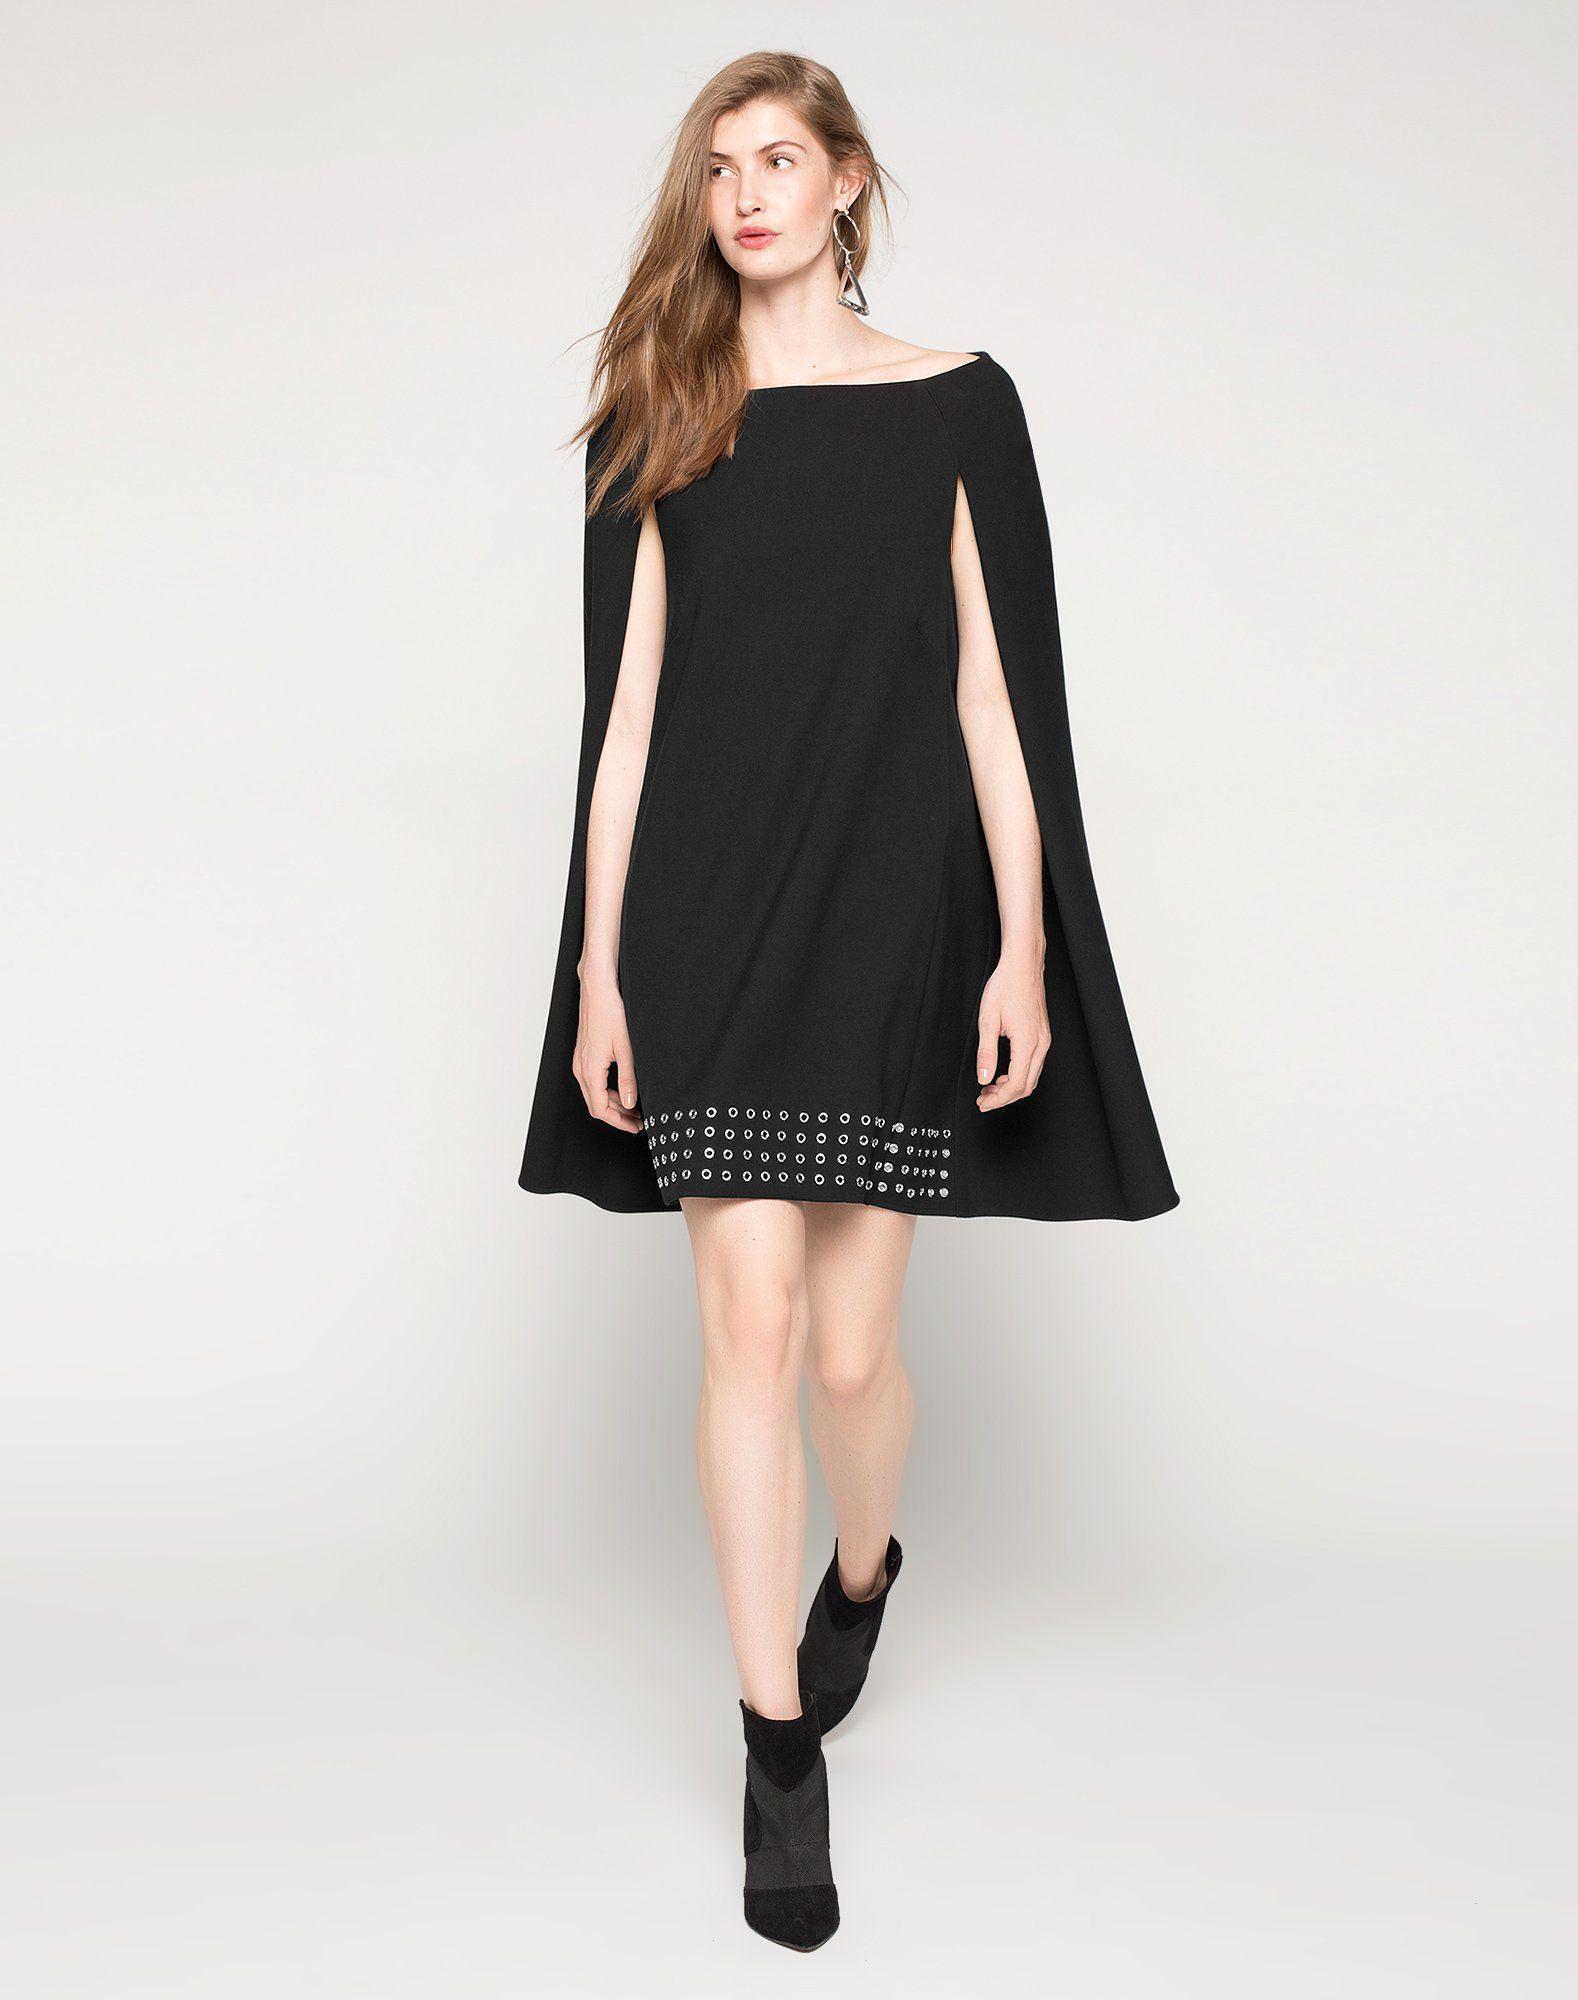 Kleid Im Capedesign 'Elisa'  Kleid Plus Größen Kleider